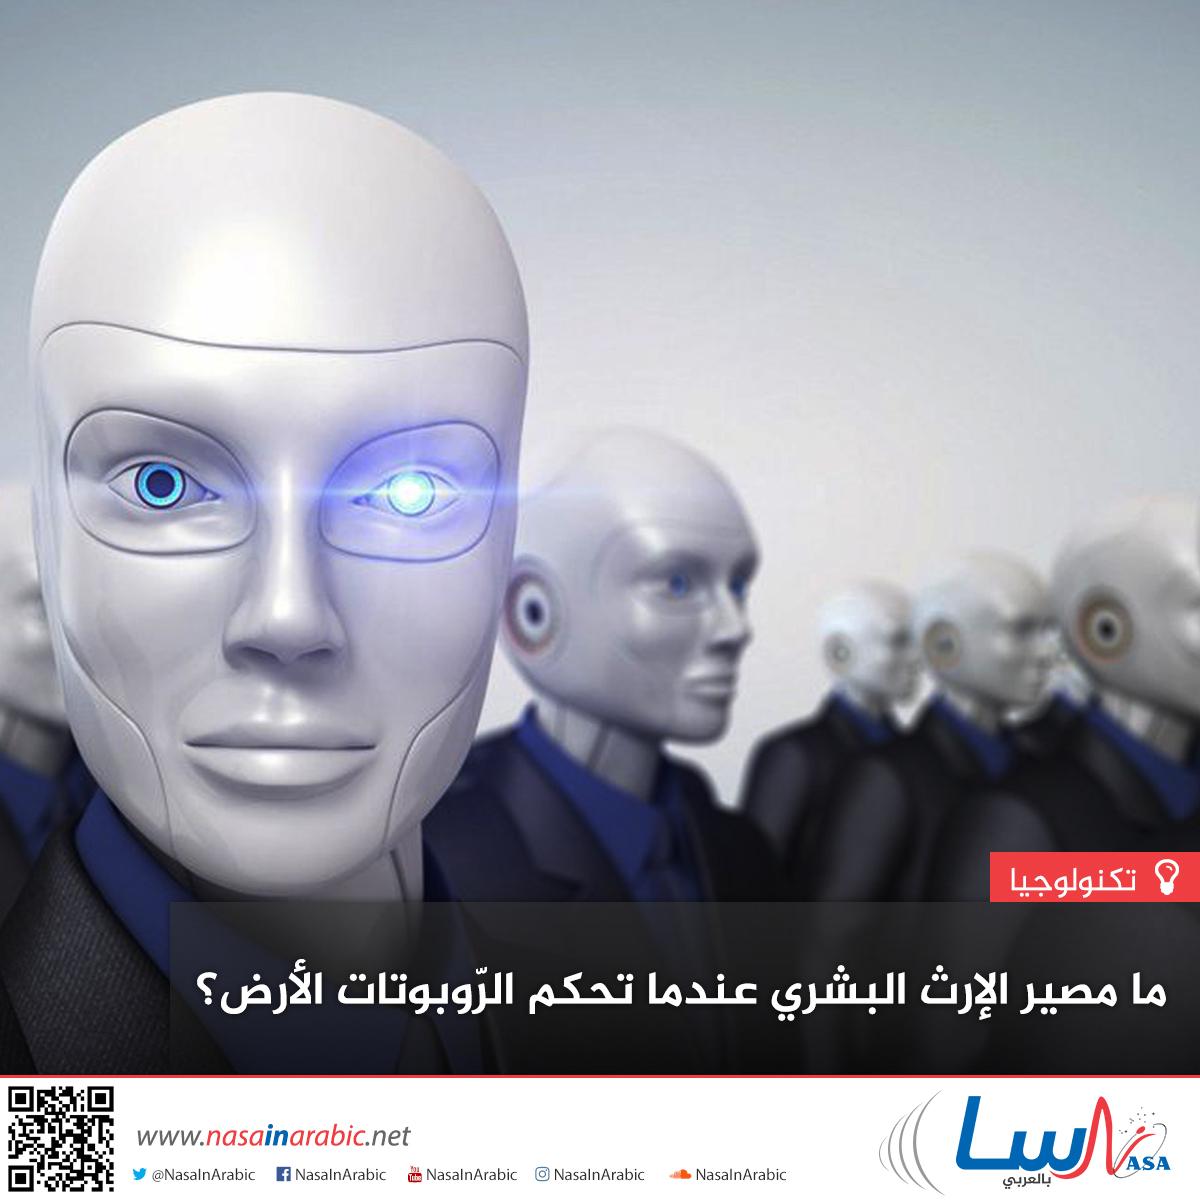 ما مصير الإرث البشري عندما تحكم الروبوتات الأرض؟